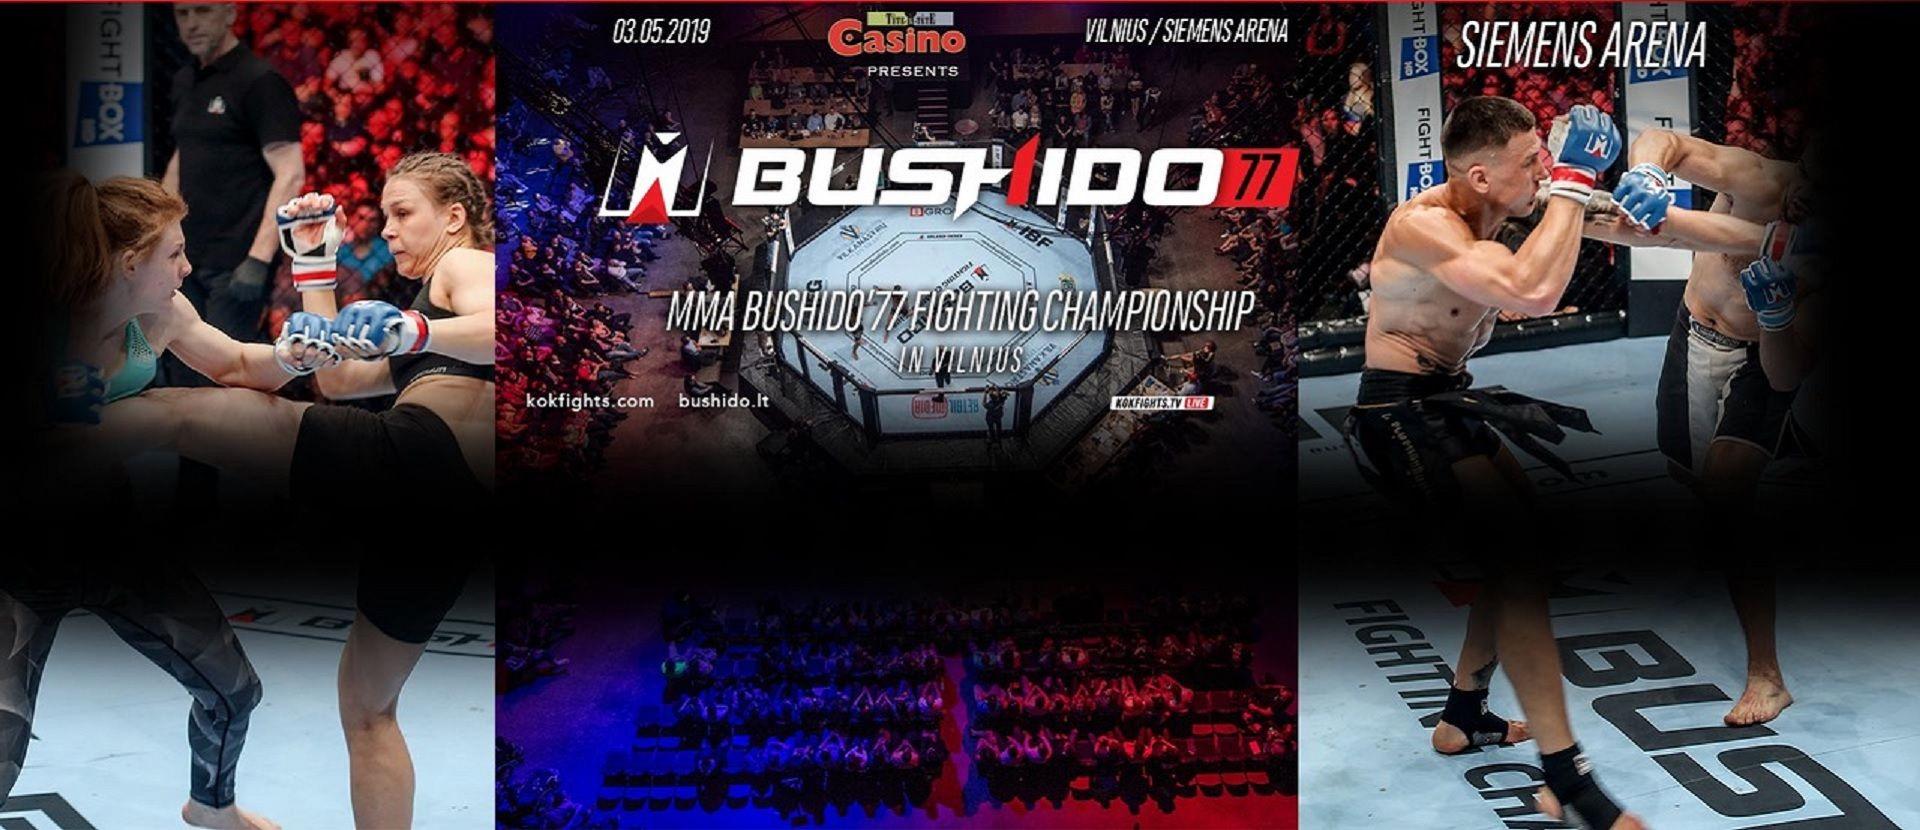 MMA BUSHIDO'77 FIGHTING CHAMPIONSHIP